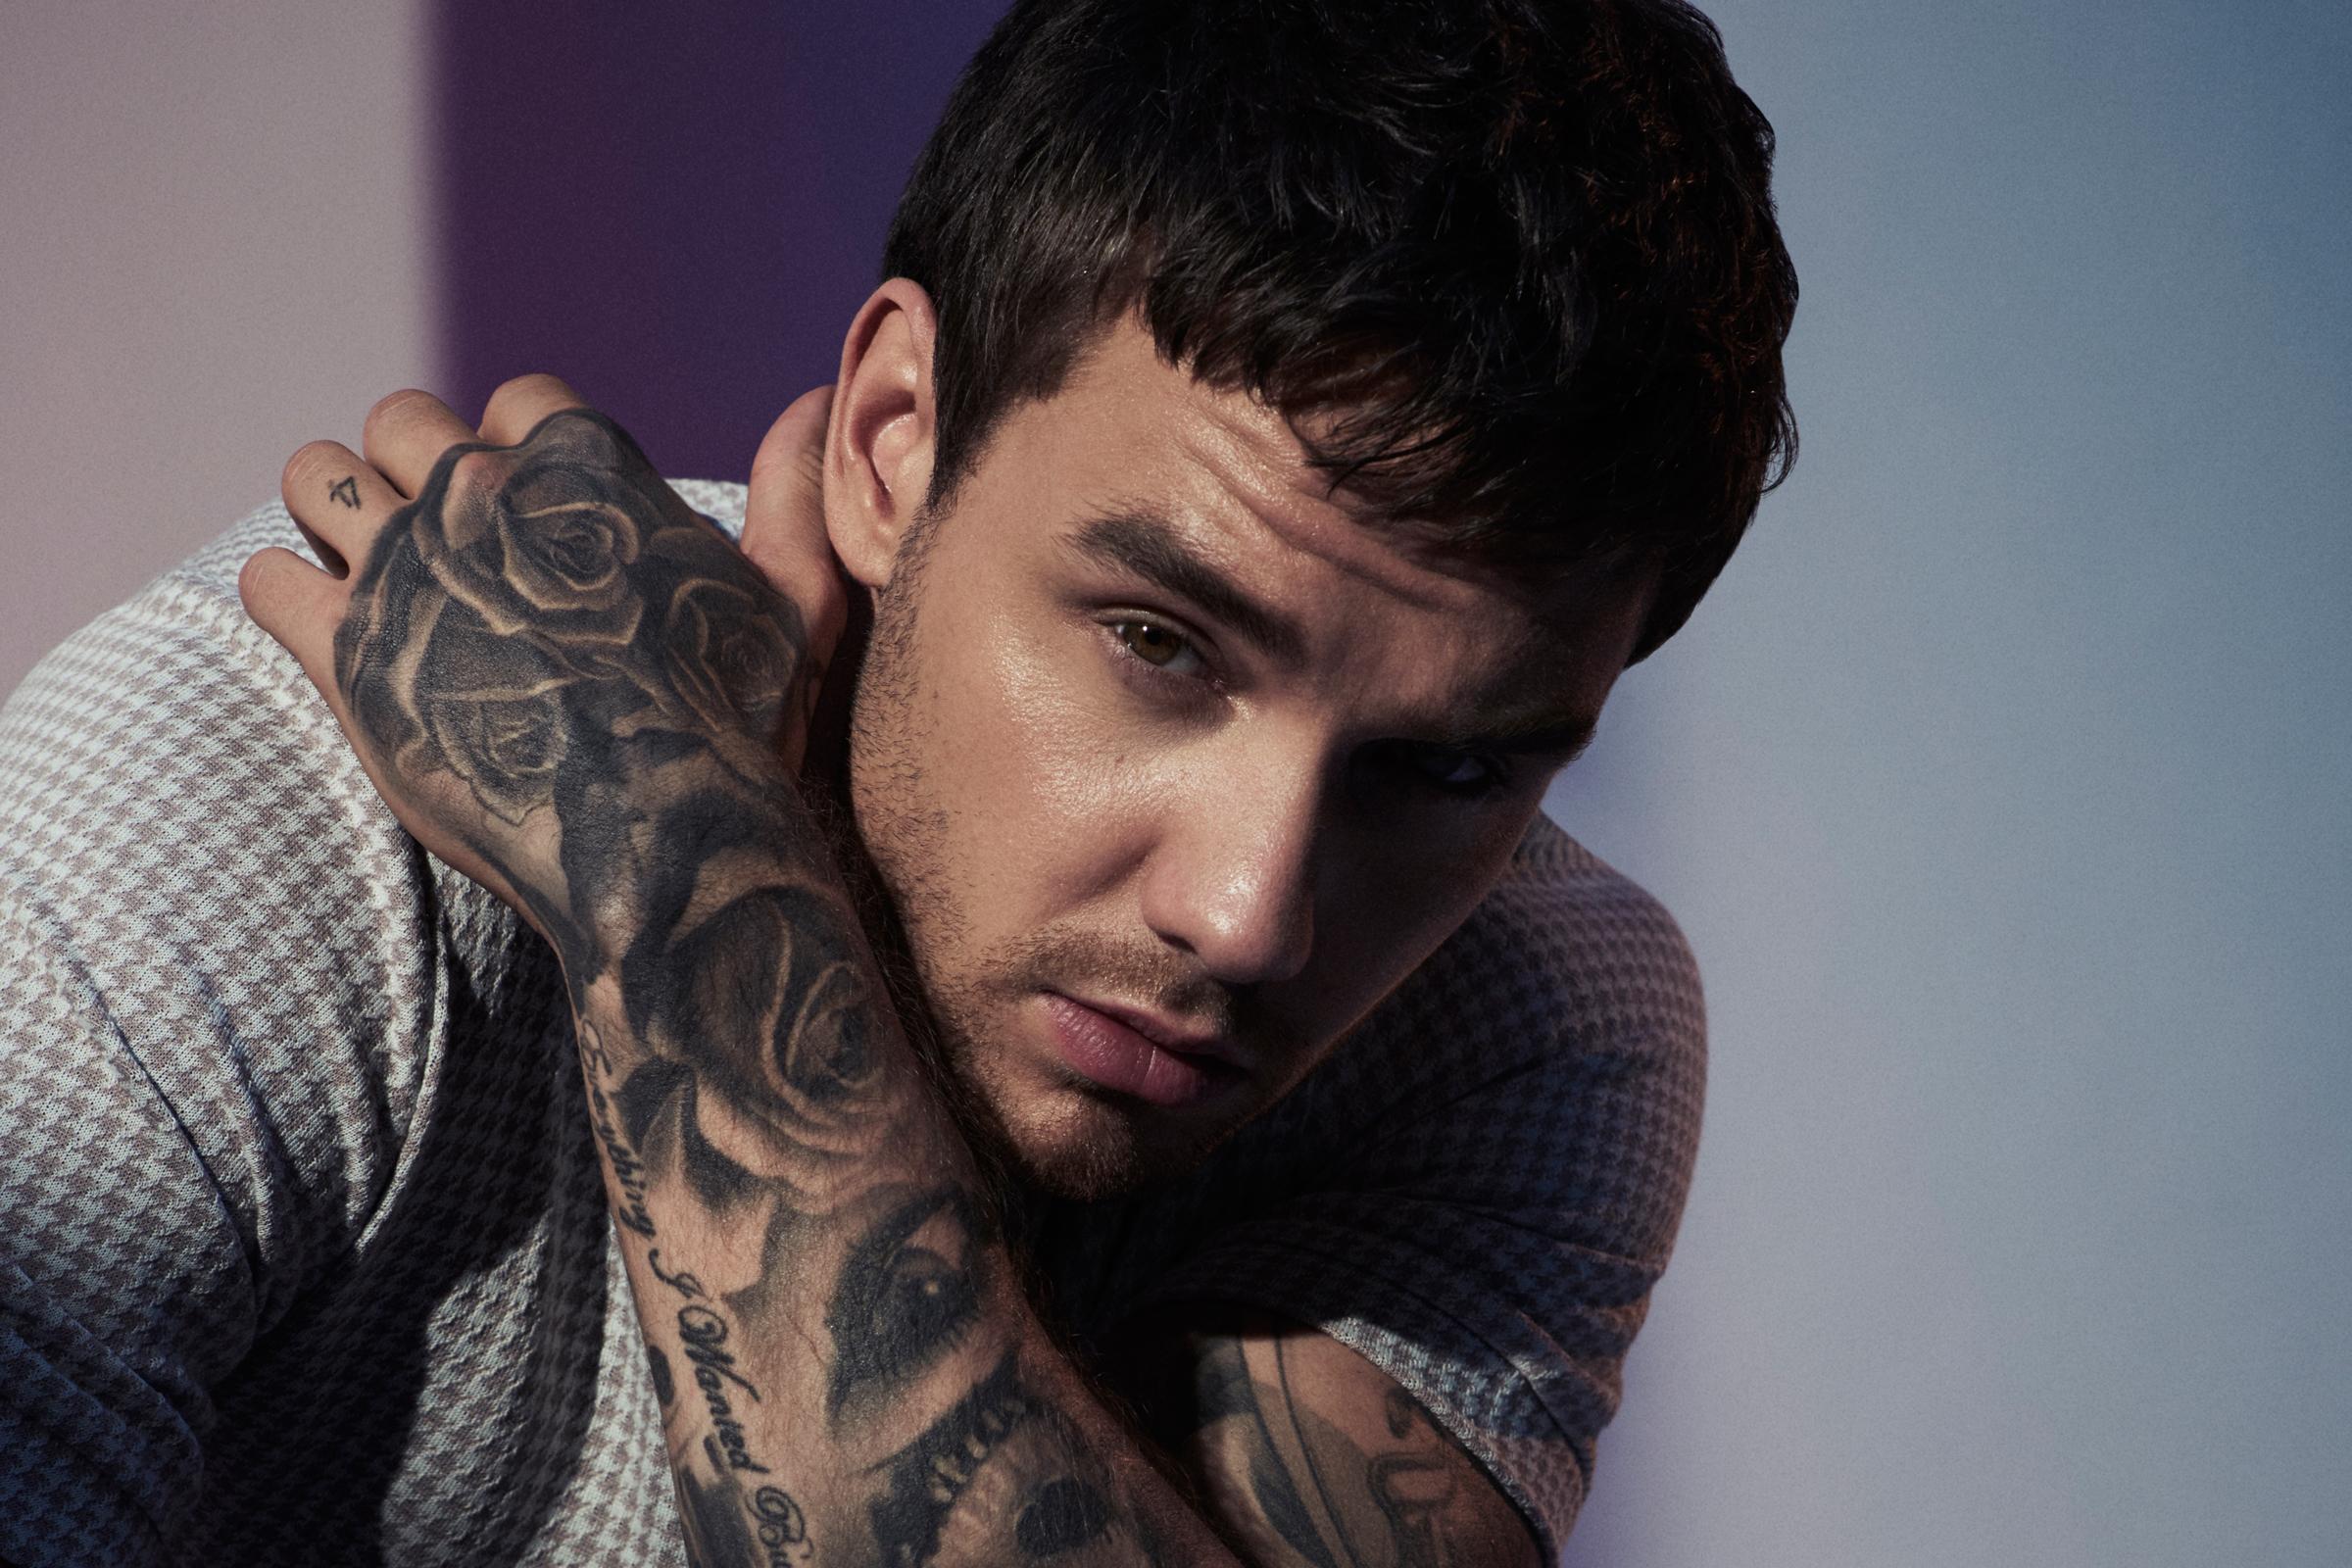 O cantor Liam Payne aparece completamente nu em clique que foi divulgado (Foto: Reprodução)